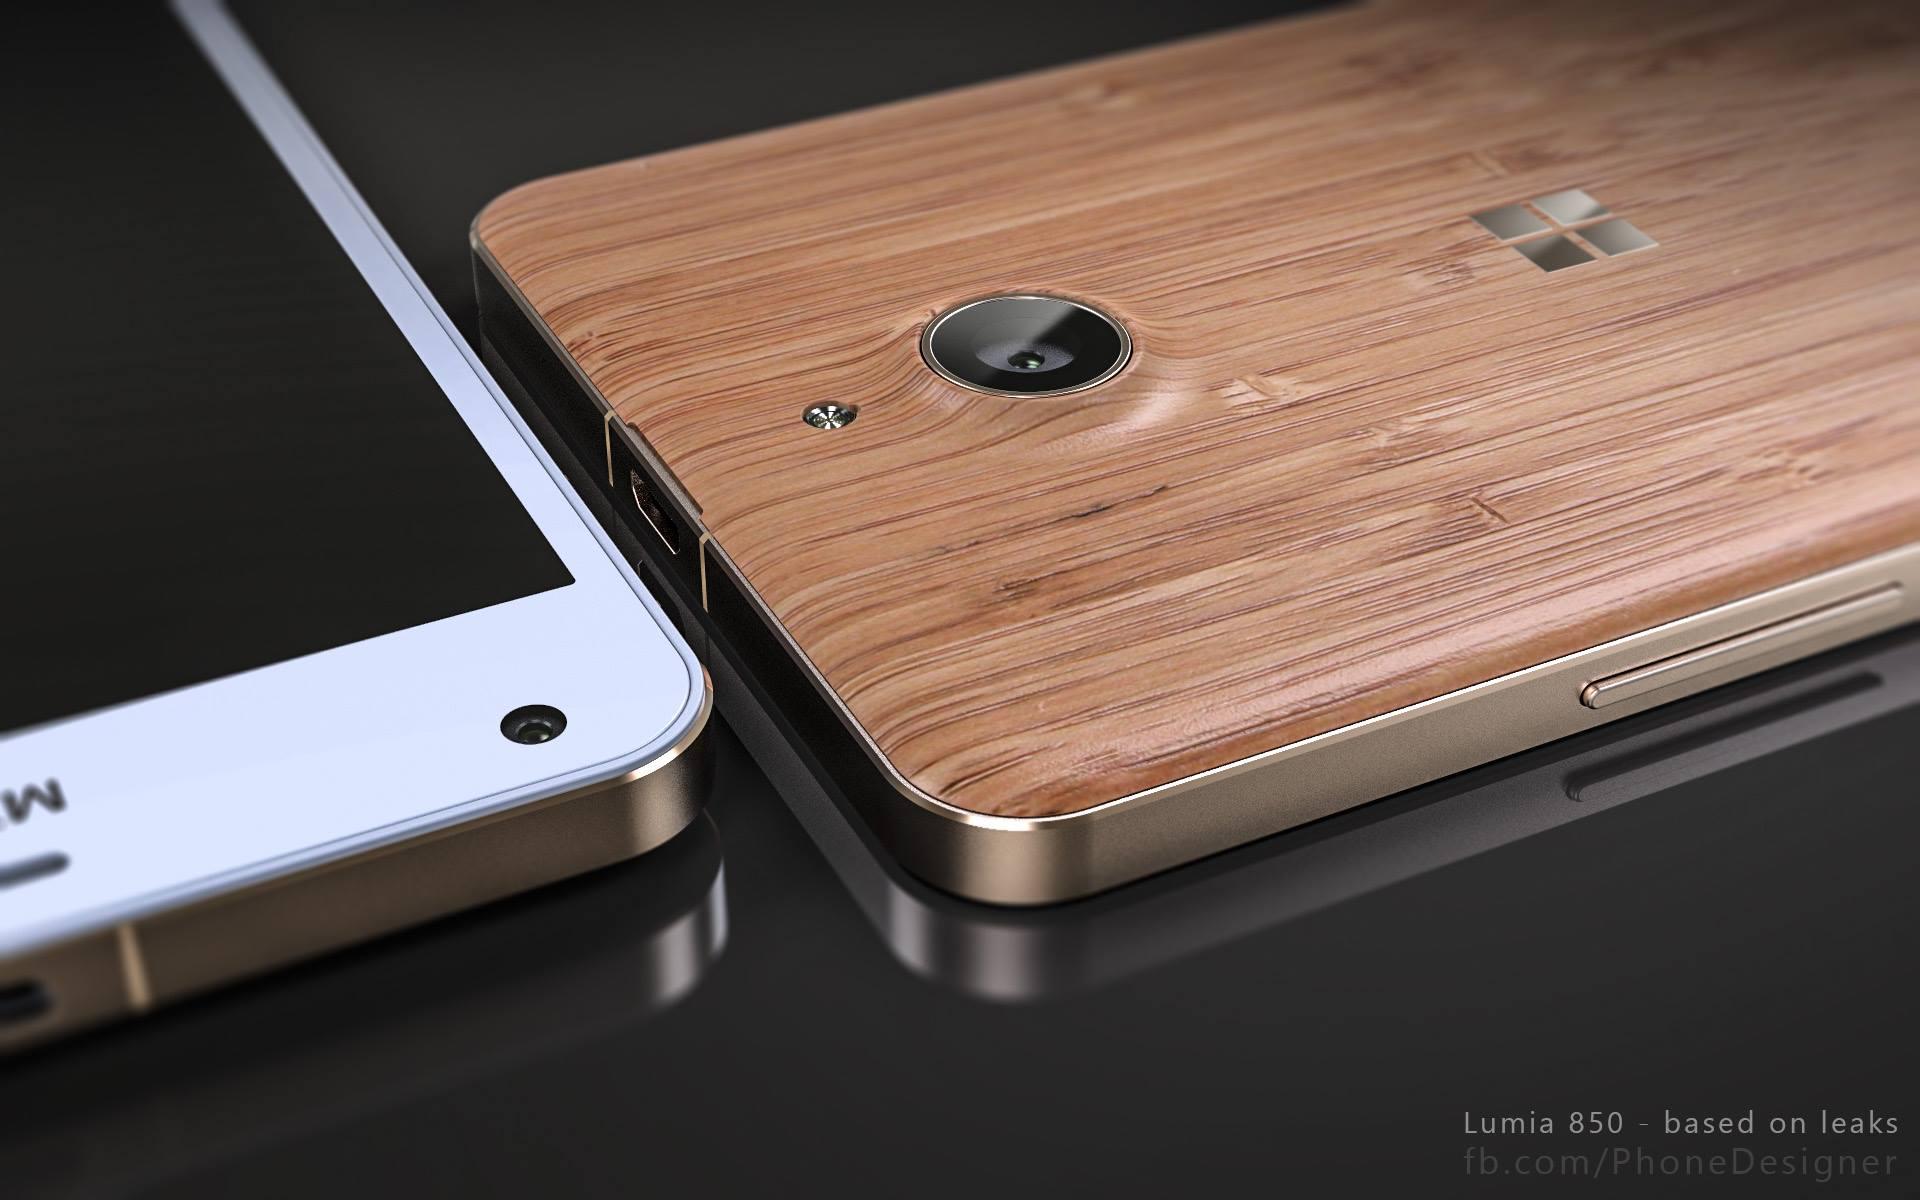 Microsoft-Lumia-850-renders-based-on-leaks (3)